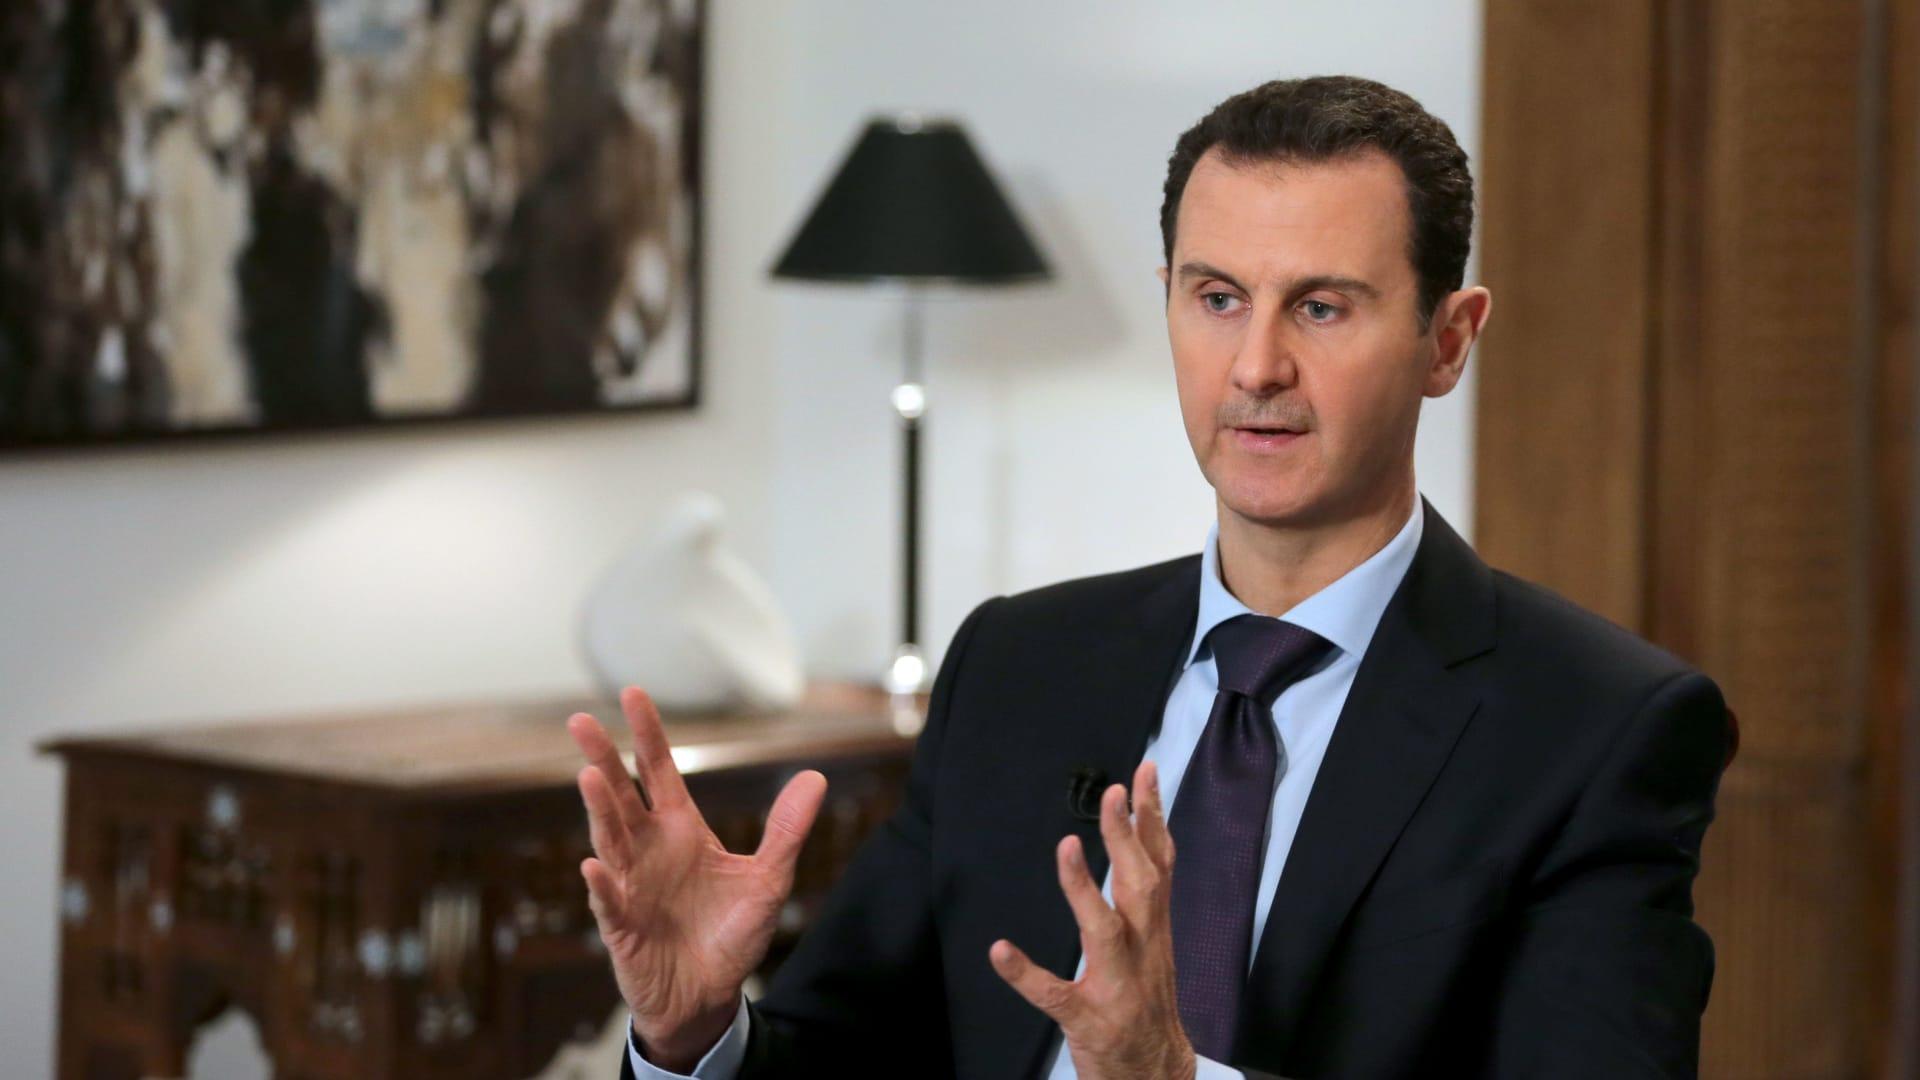 من الإصلاح إلى الحرب.. كيف كانت رحلة بشار الأسد غير المتوقعة إلى السلطة؟